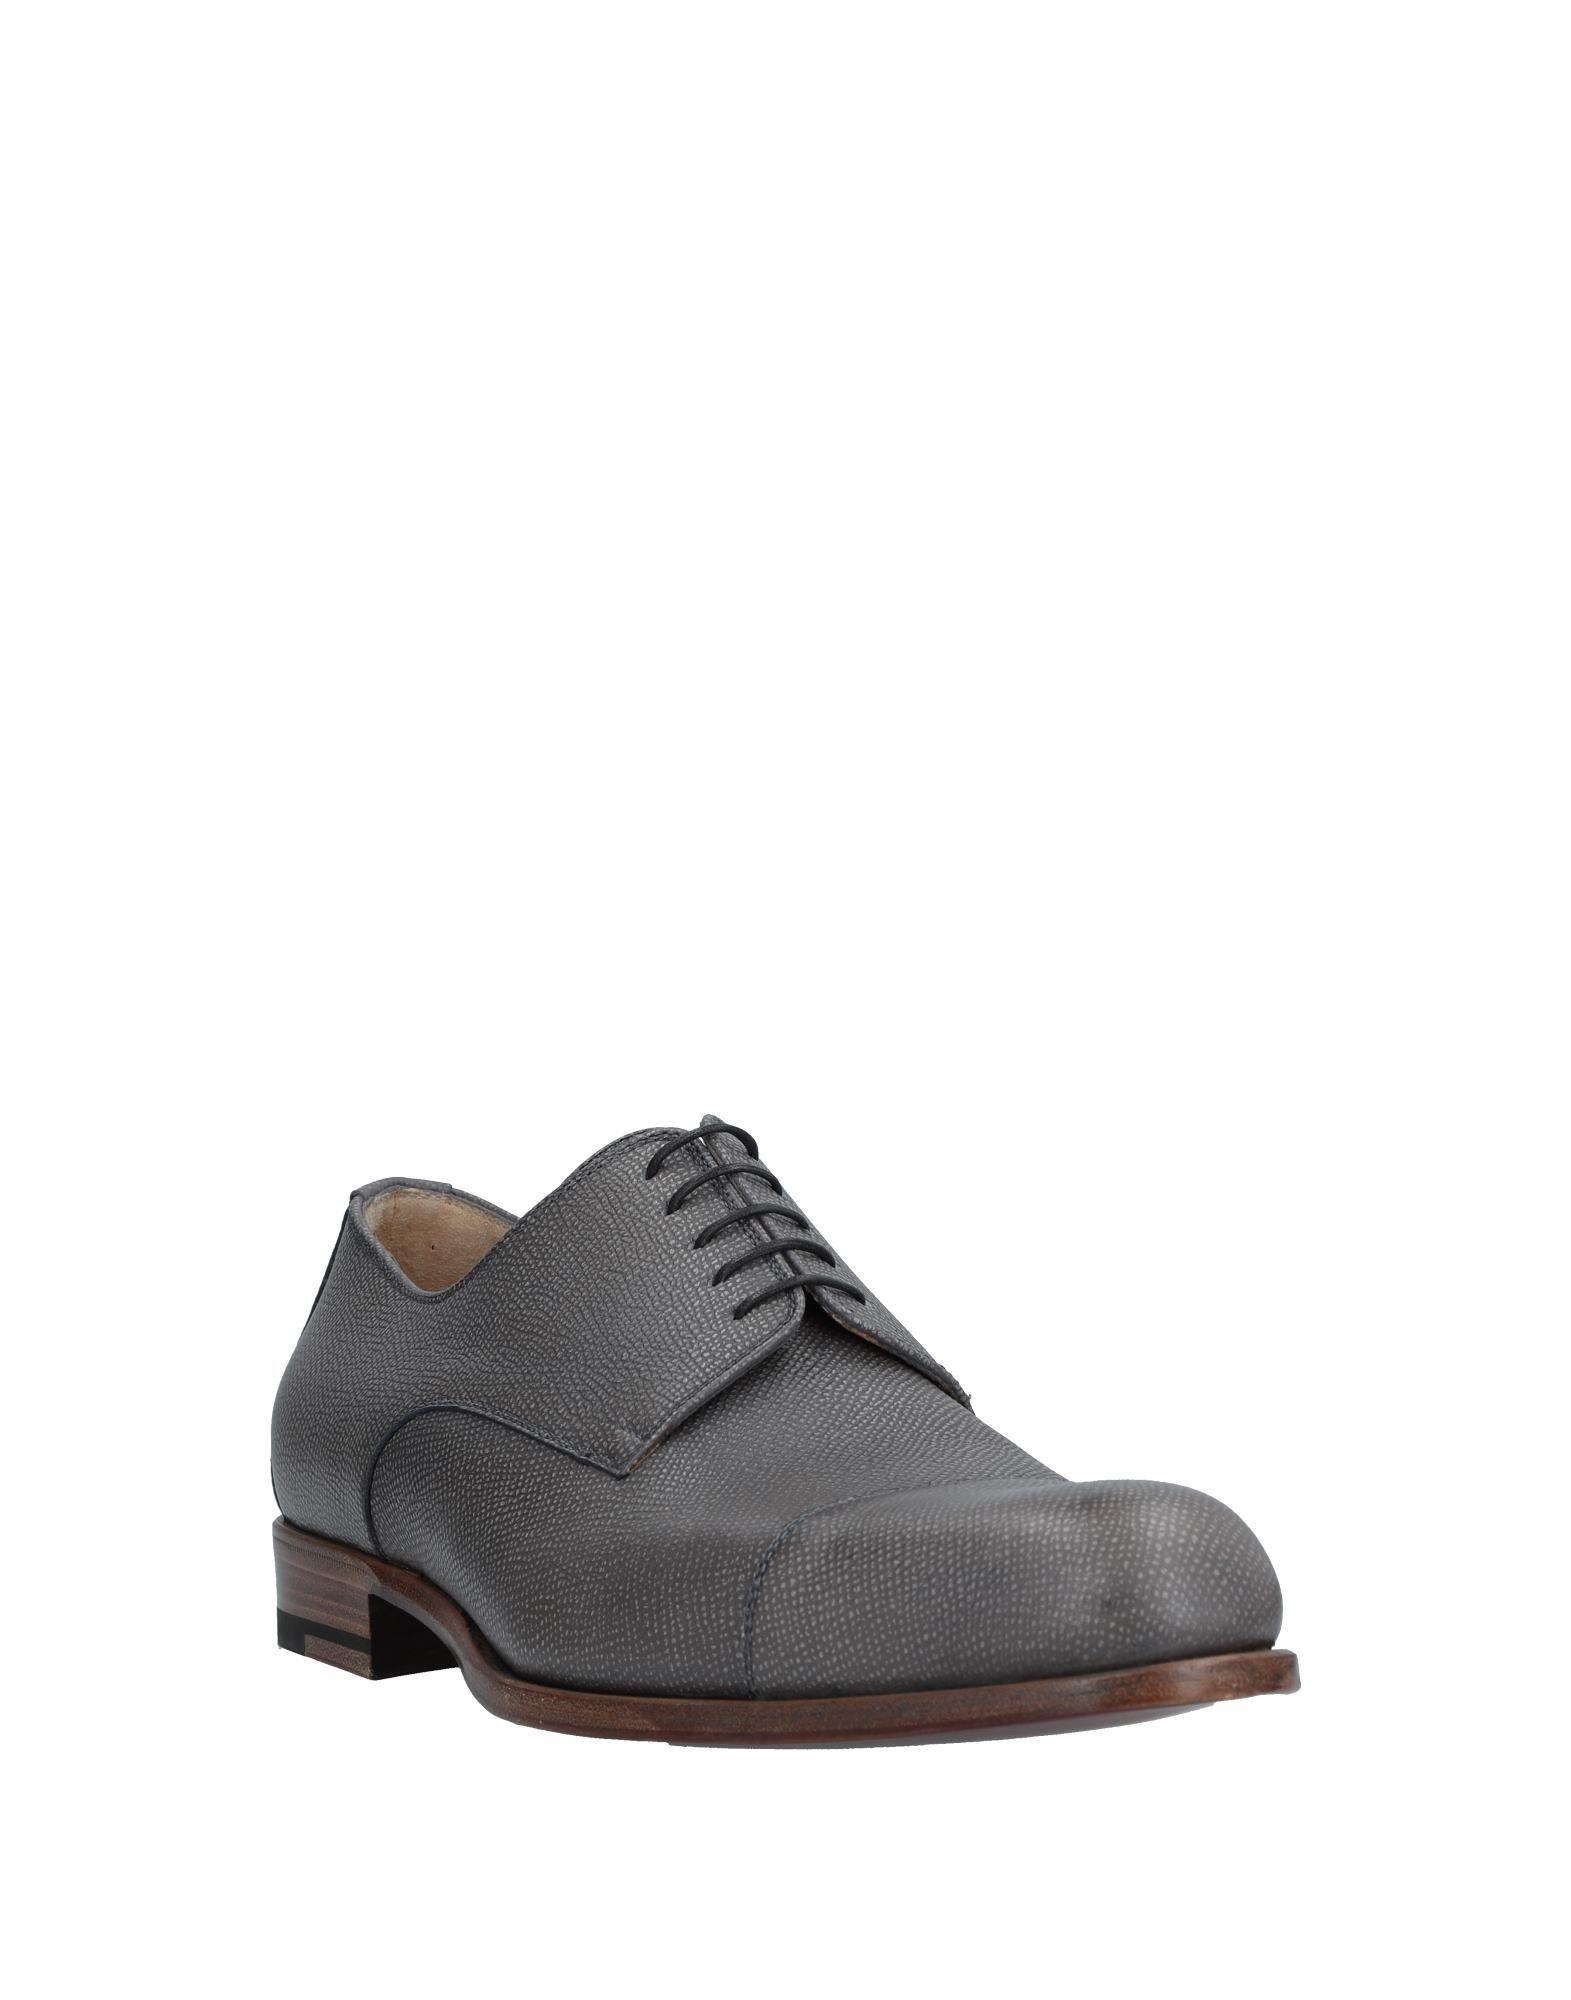 A.Testoni A.Testoni A.Testoni Schnürschuhe Herren  11540291MI Heiße Schuhe a579d0